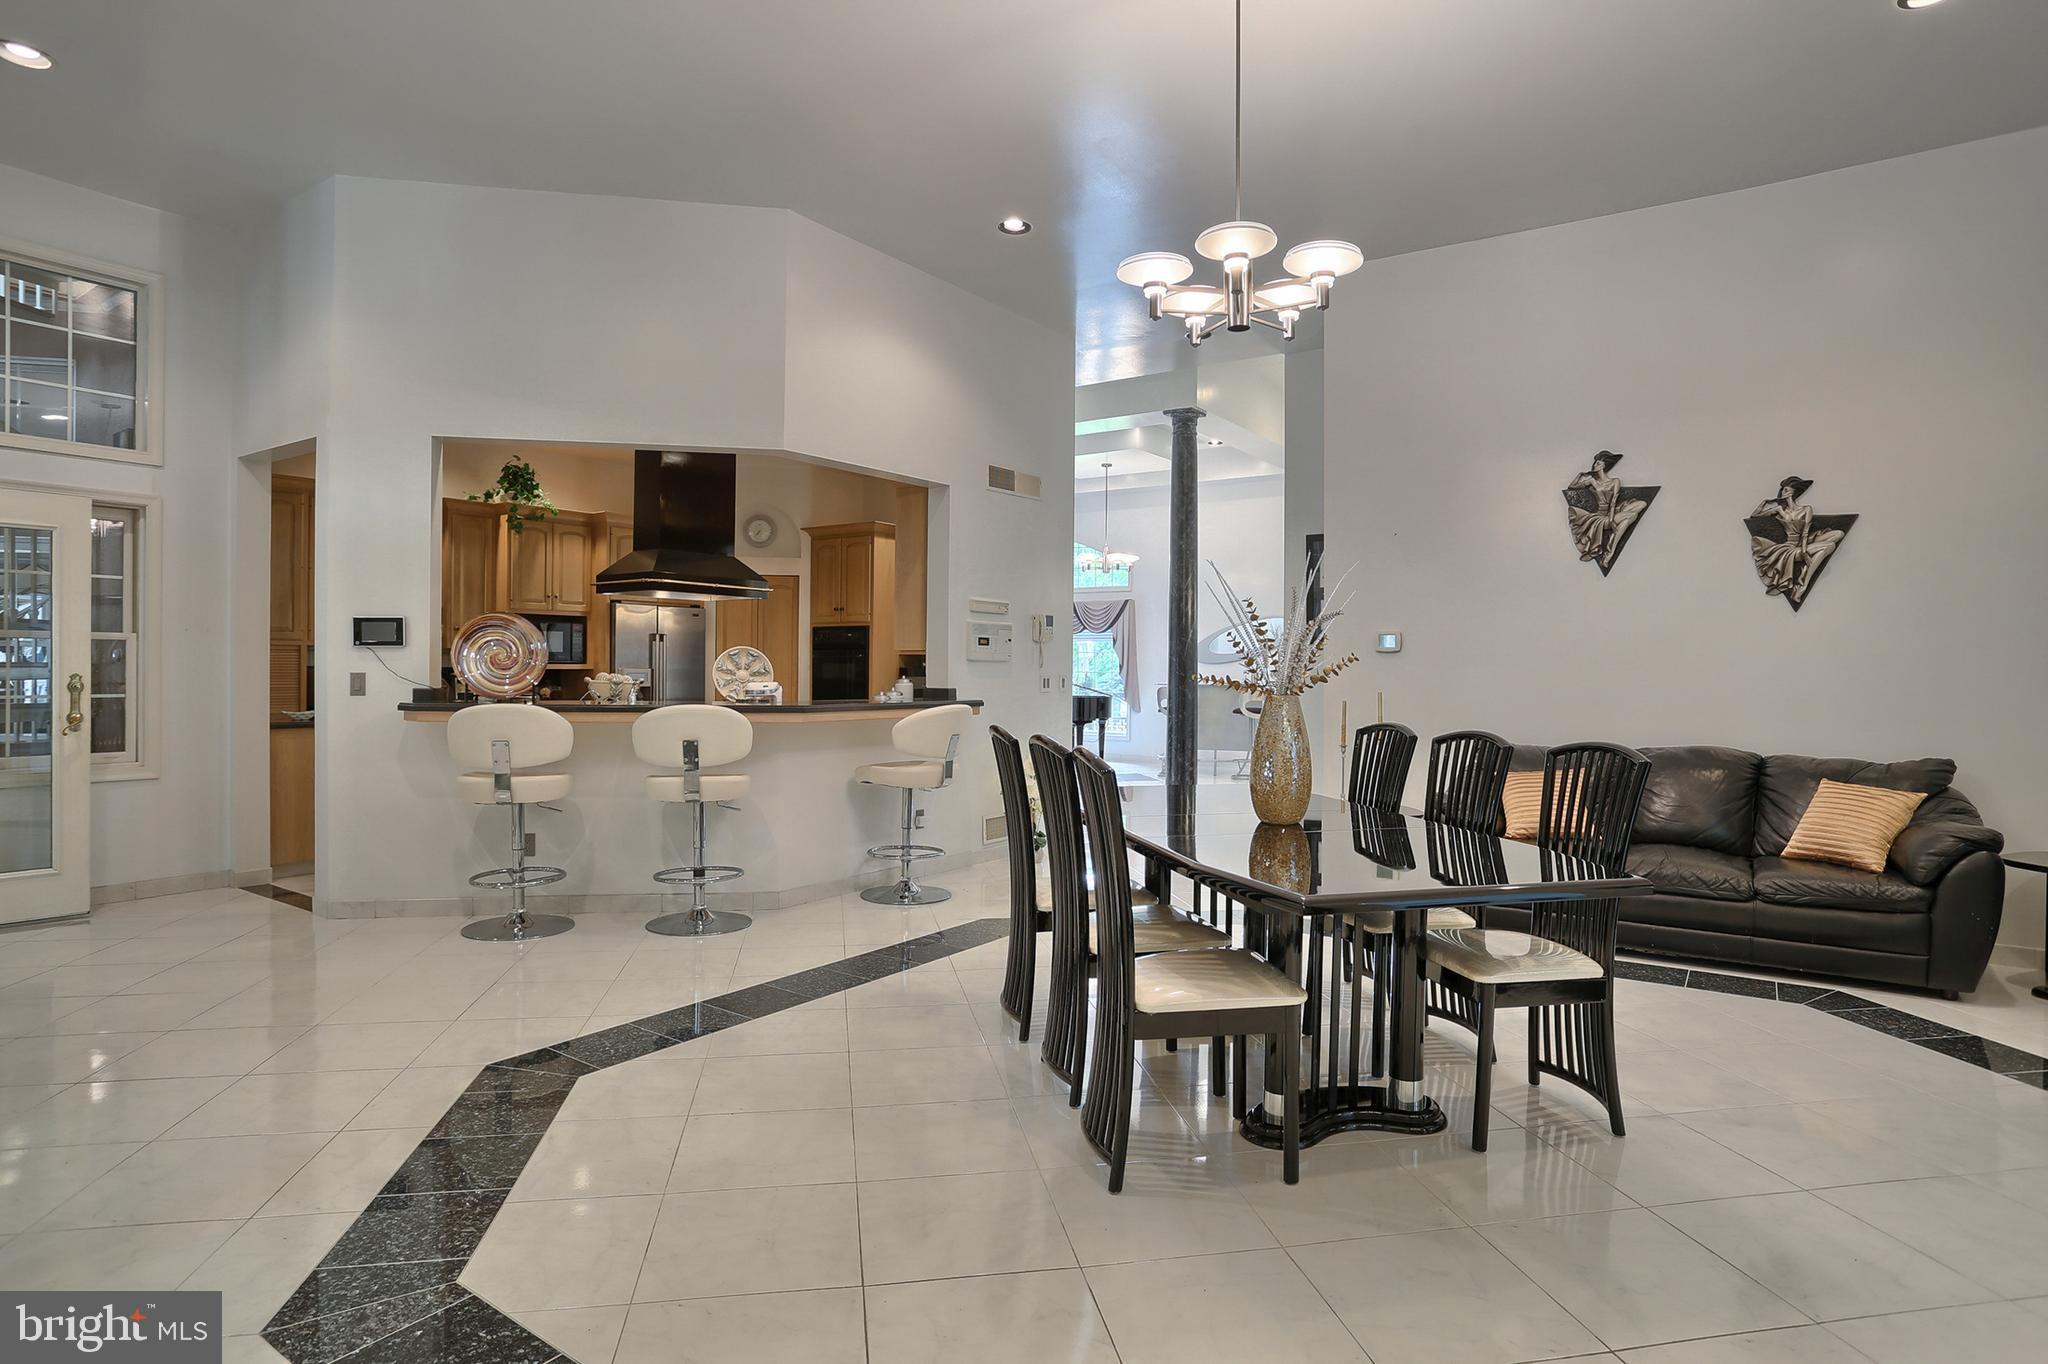 28' x 23' formal dining room